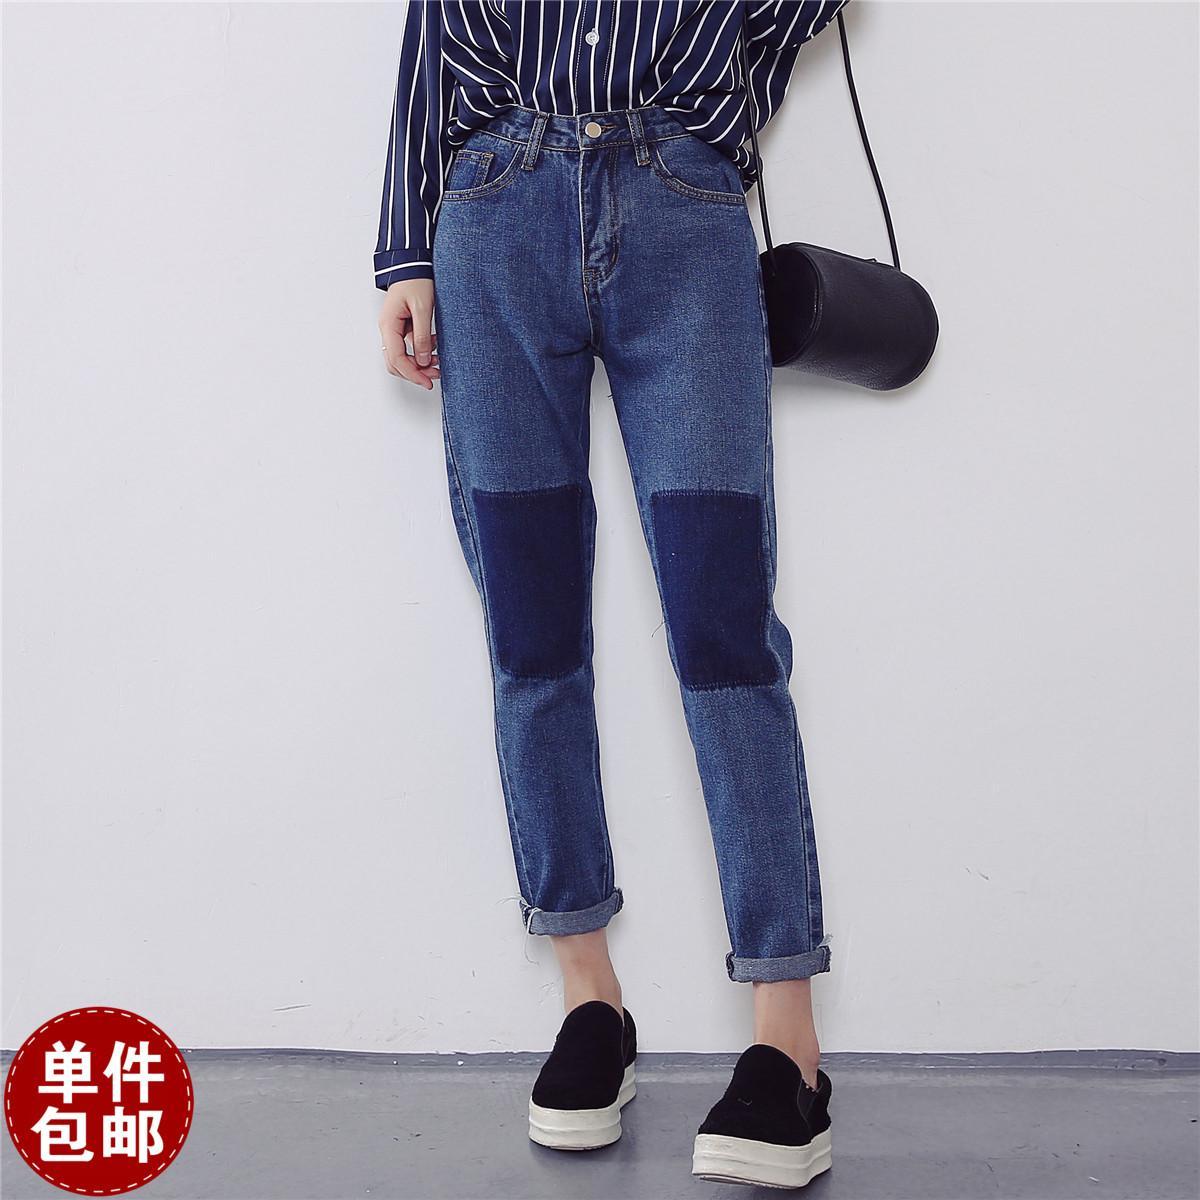 173af8aae7f Knee Patches Bohemian Jeans Women Denim Pants Capri Vintage Jean Femme  Pantalon Vaqueros Mujers Pantalones Jeans Donna Jeans Pants Bottoms Online  with ...